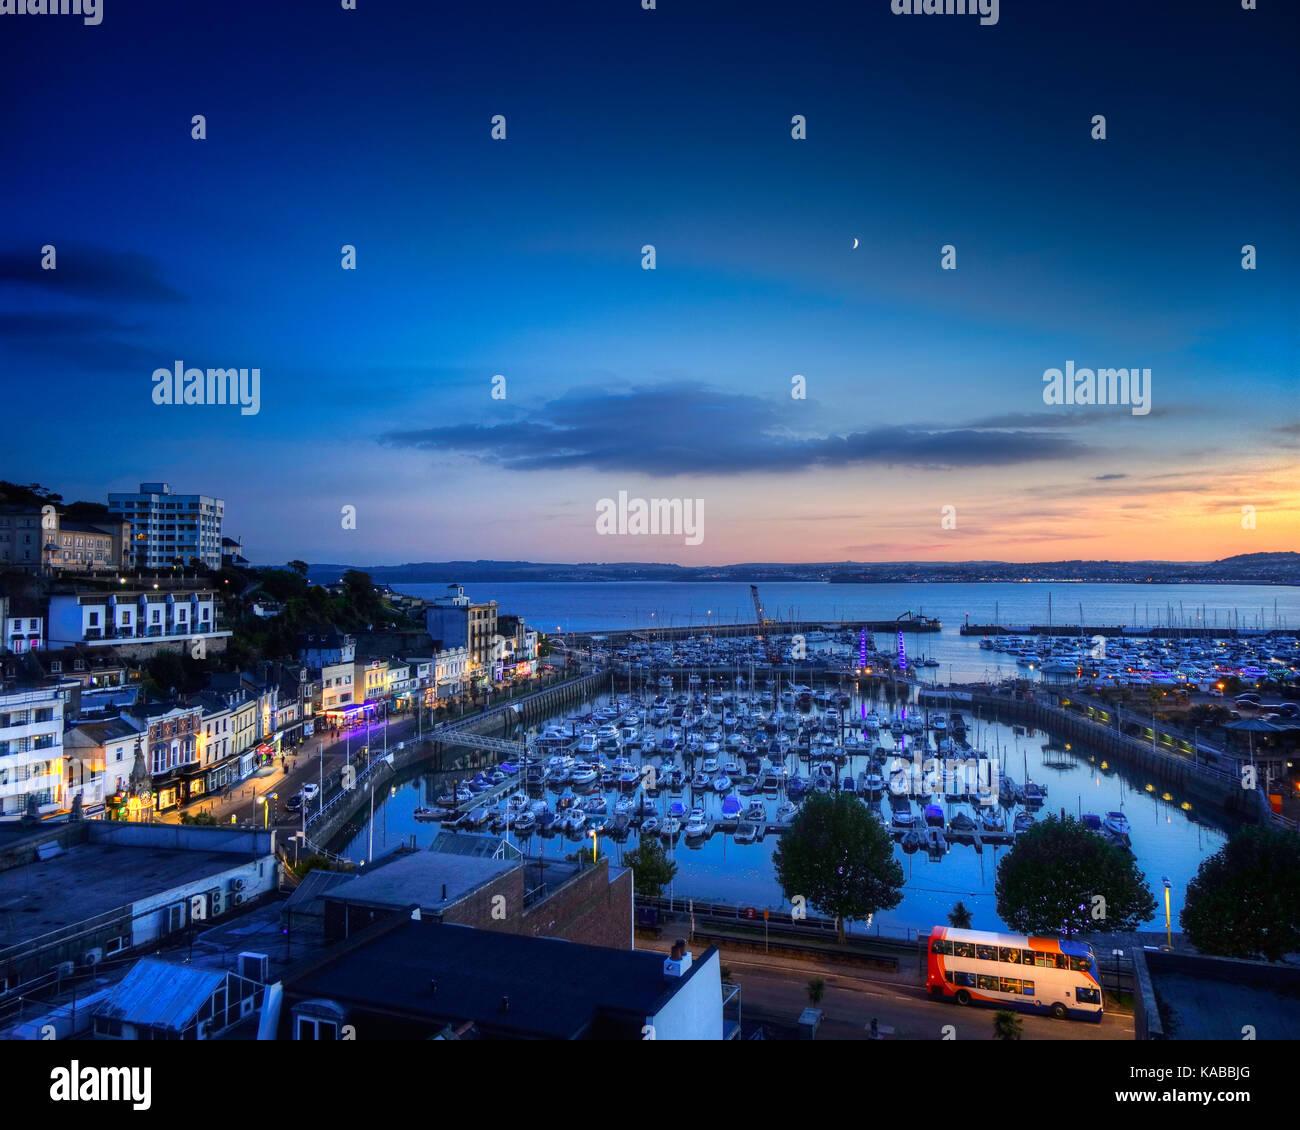 De - Devon: Hafen von Torquay bei Nacht (HDR-Bild) Stockbild